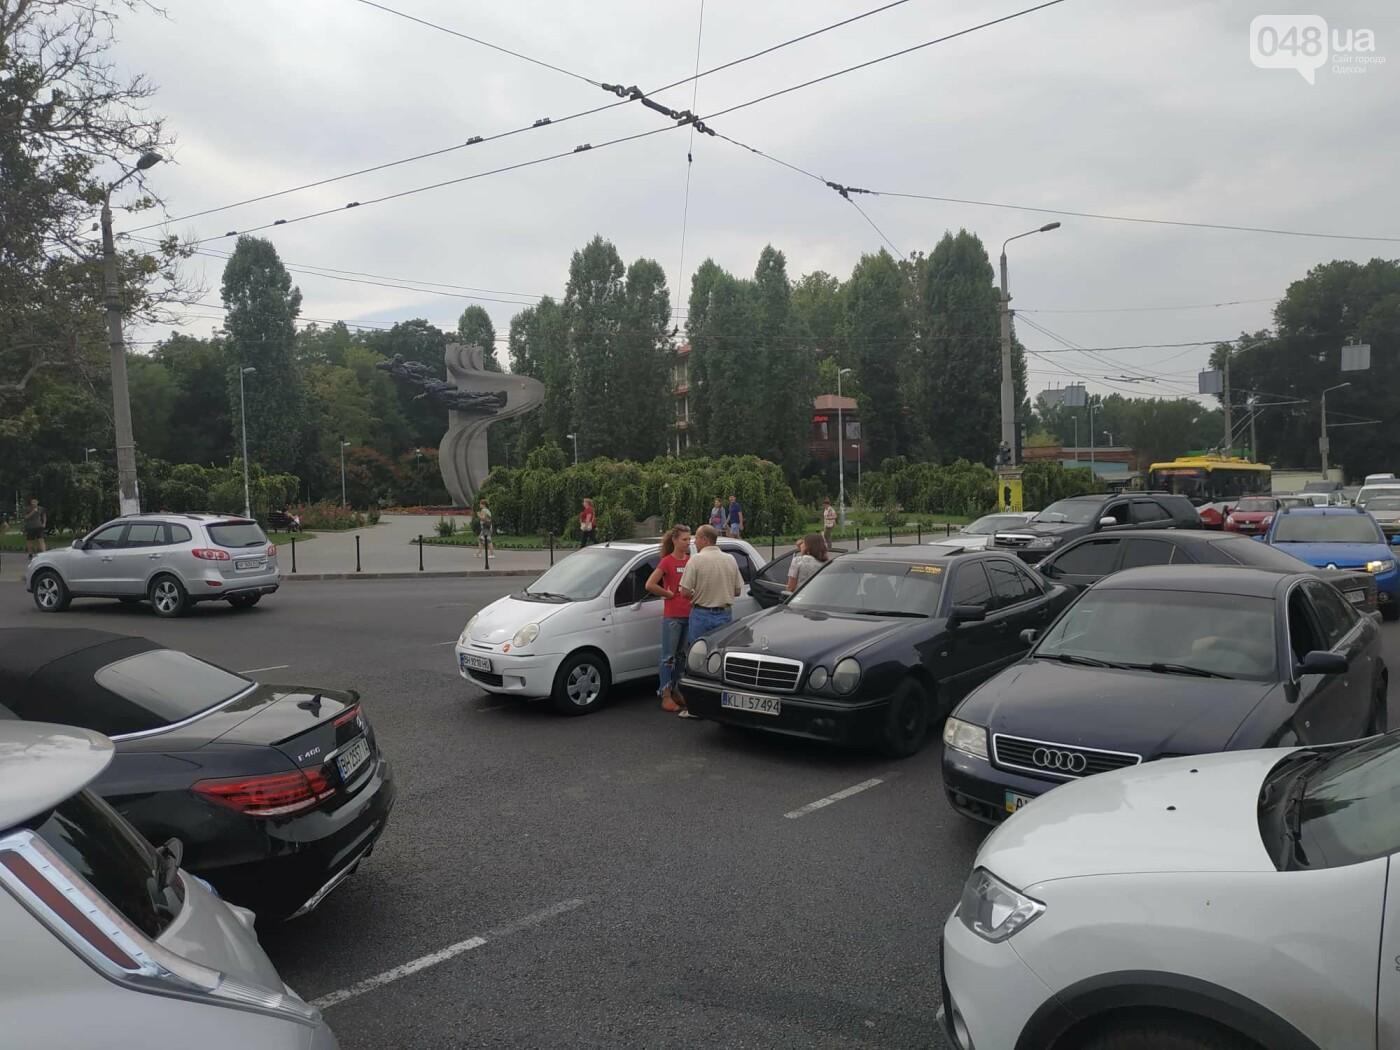 """Пассажир, """"выпрыгнувший"""" посреди дороги в Одессе: стали известны подробности ДТП, - ФОТО, фото-4"""